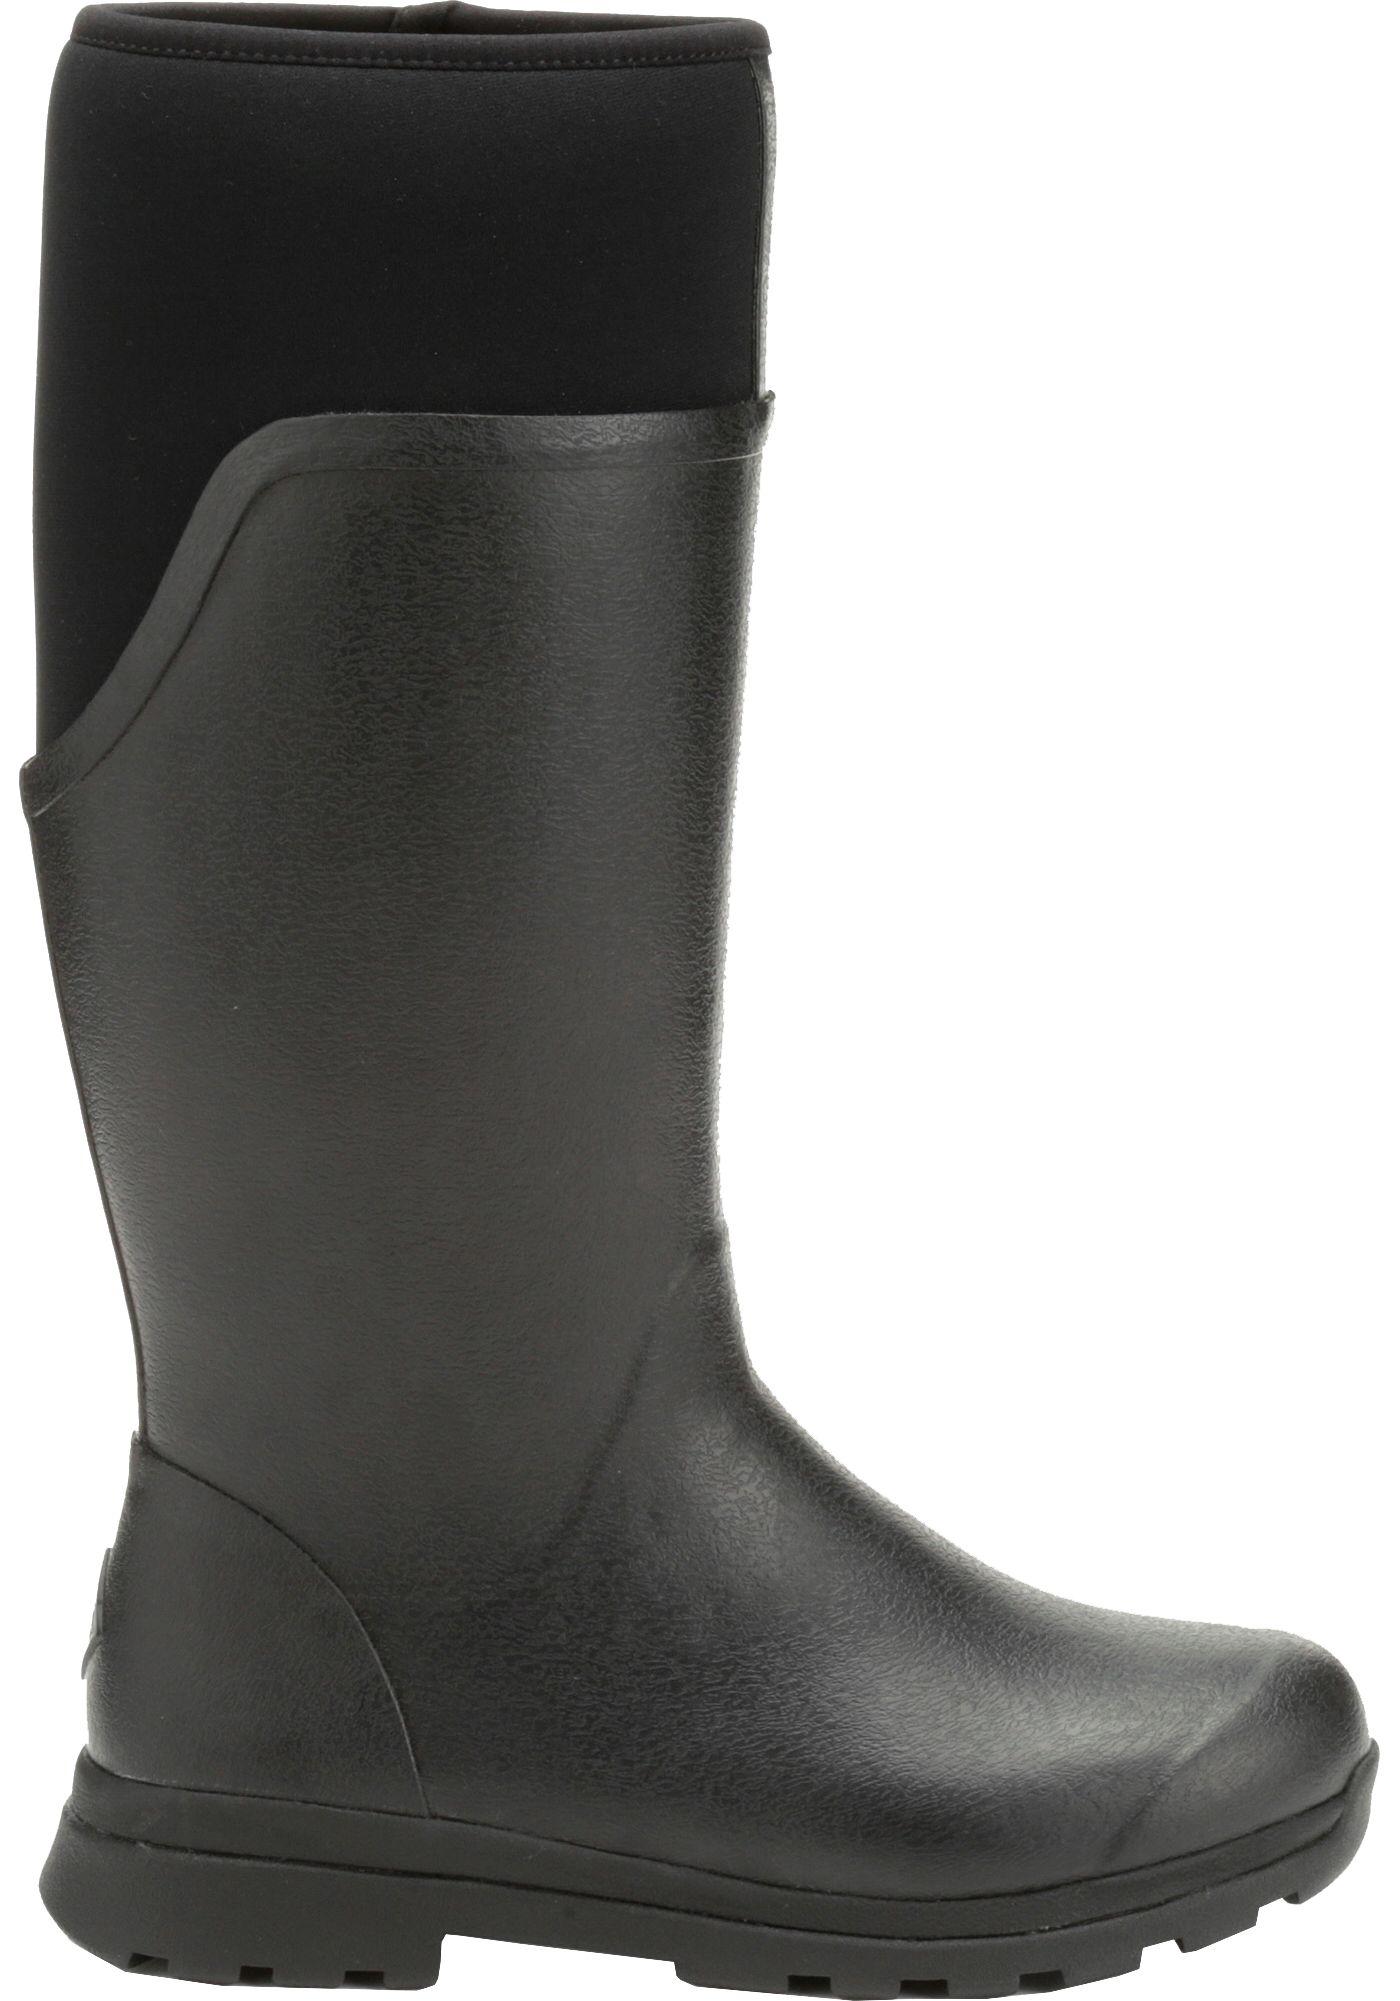 Muck Boots Women's Cambridge Tall Rain Boots